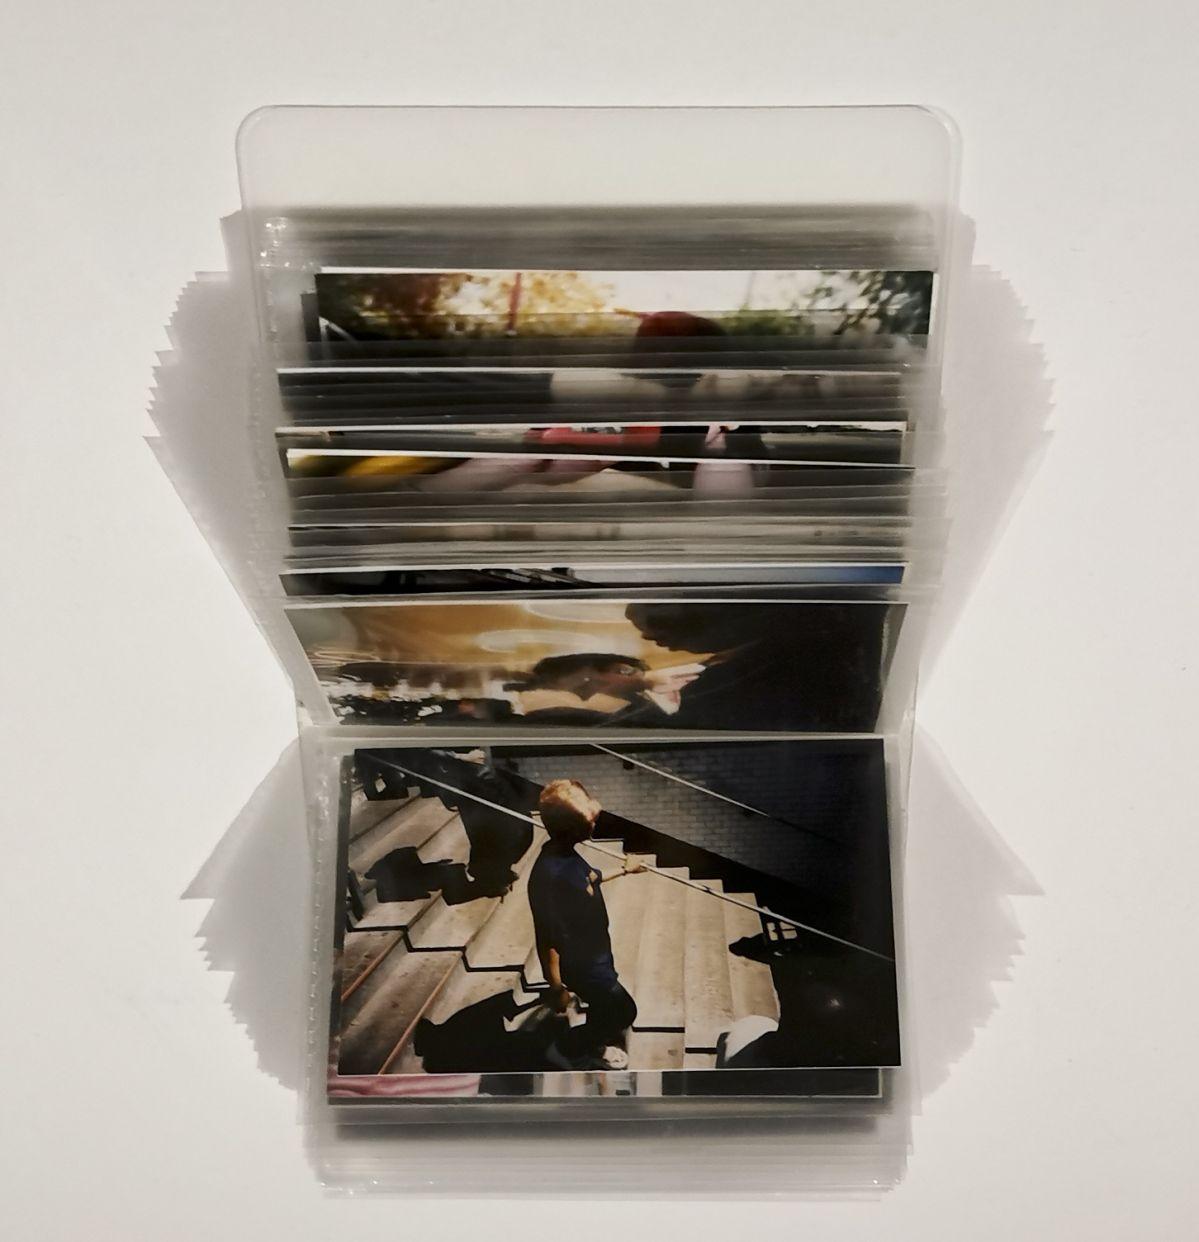 Kader Attia, Femmes, Hommes, Fétiches de la série Photostories, 1997-2001 - En attendant Omar Gatlato - Fiche la Belle de Mai - Marseille